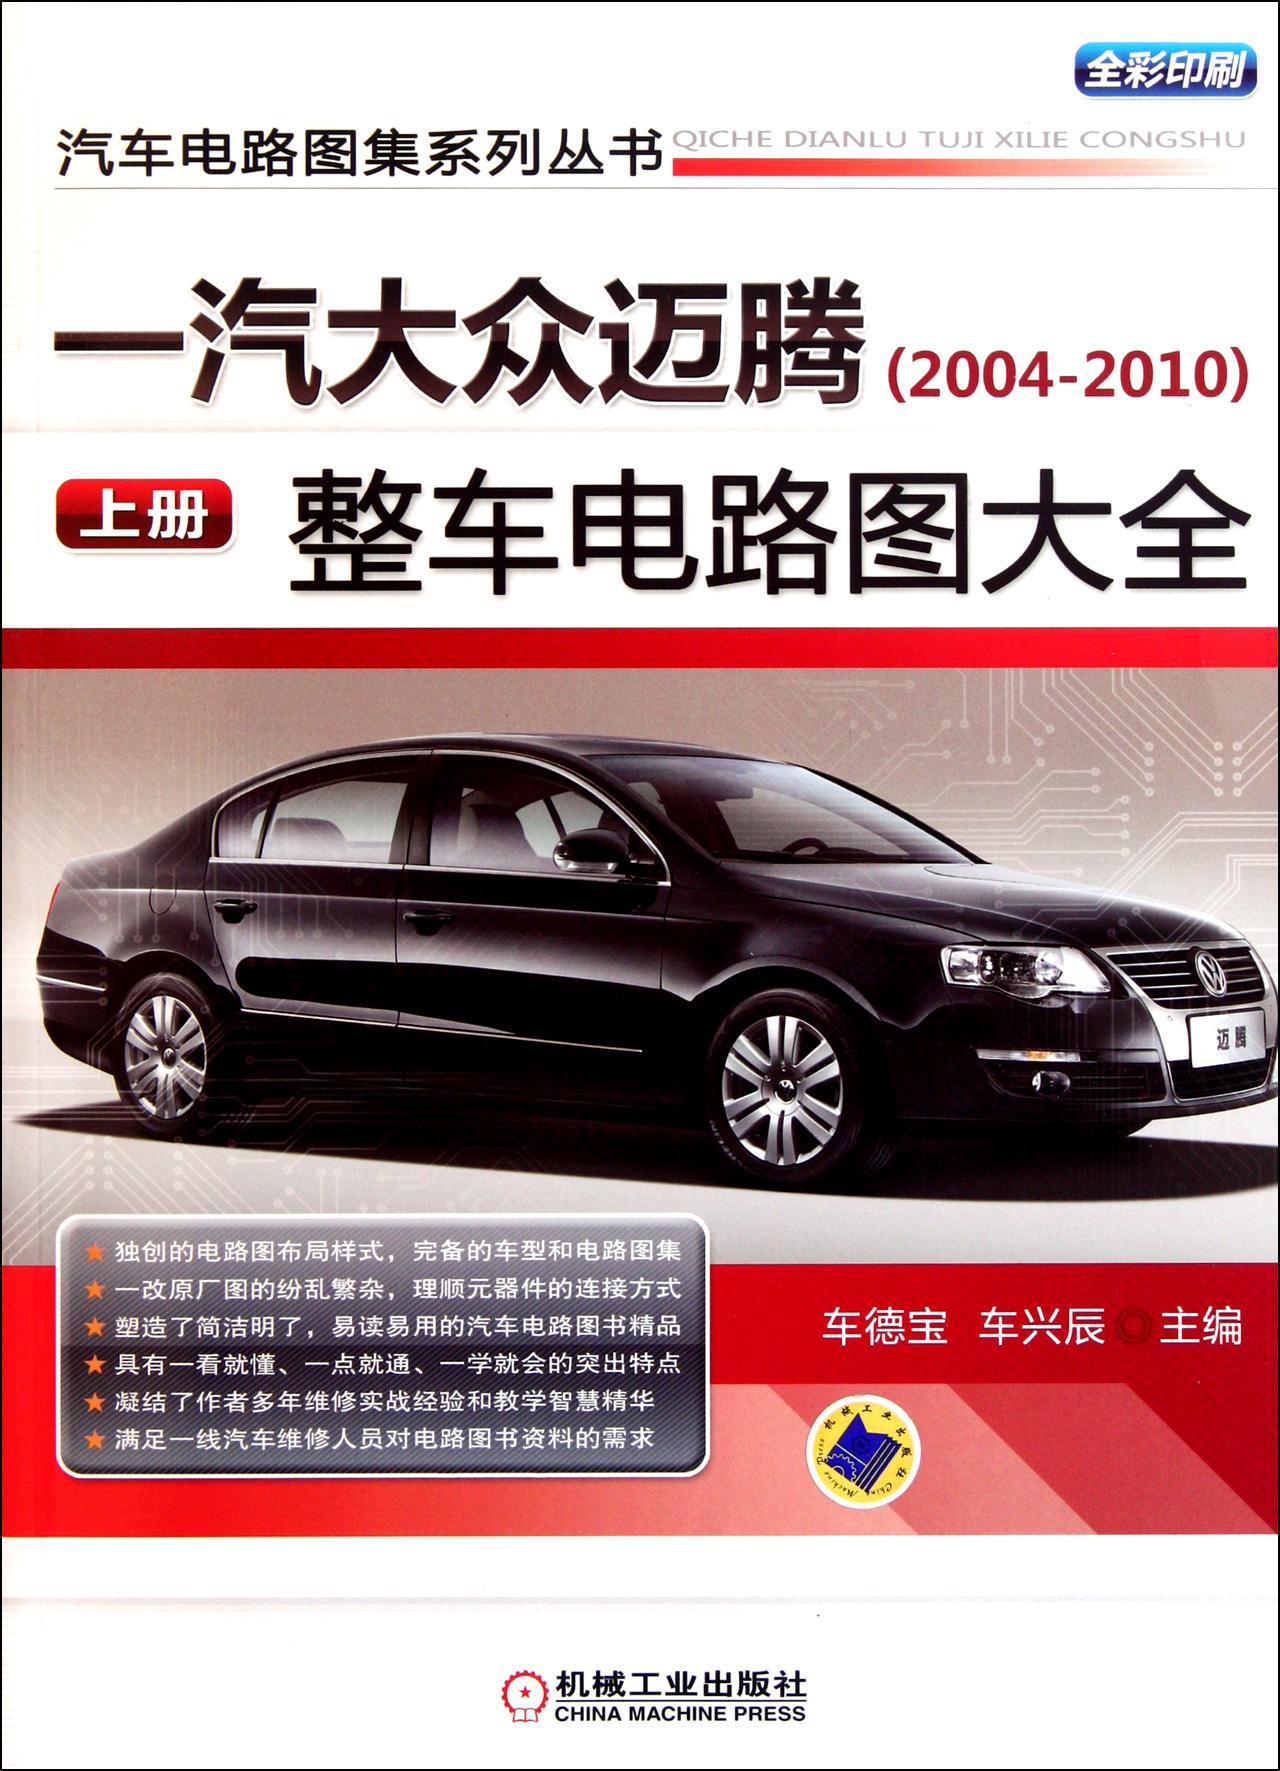 一汽大众迈腾 2004-2010>整车电路图大全